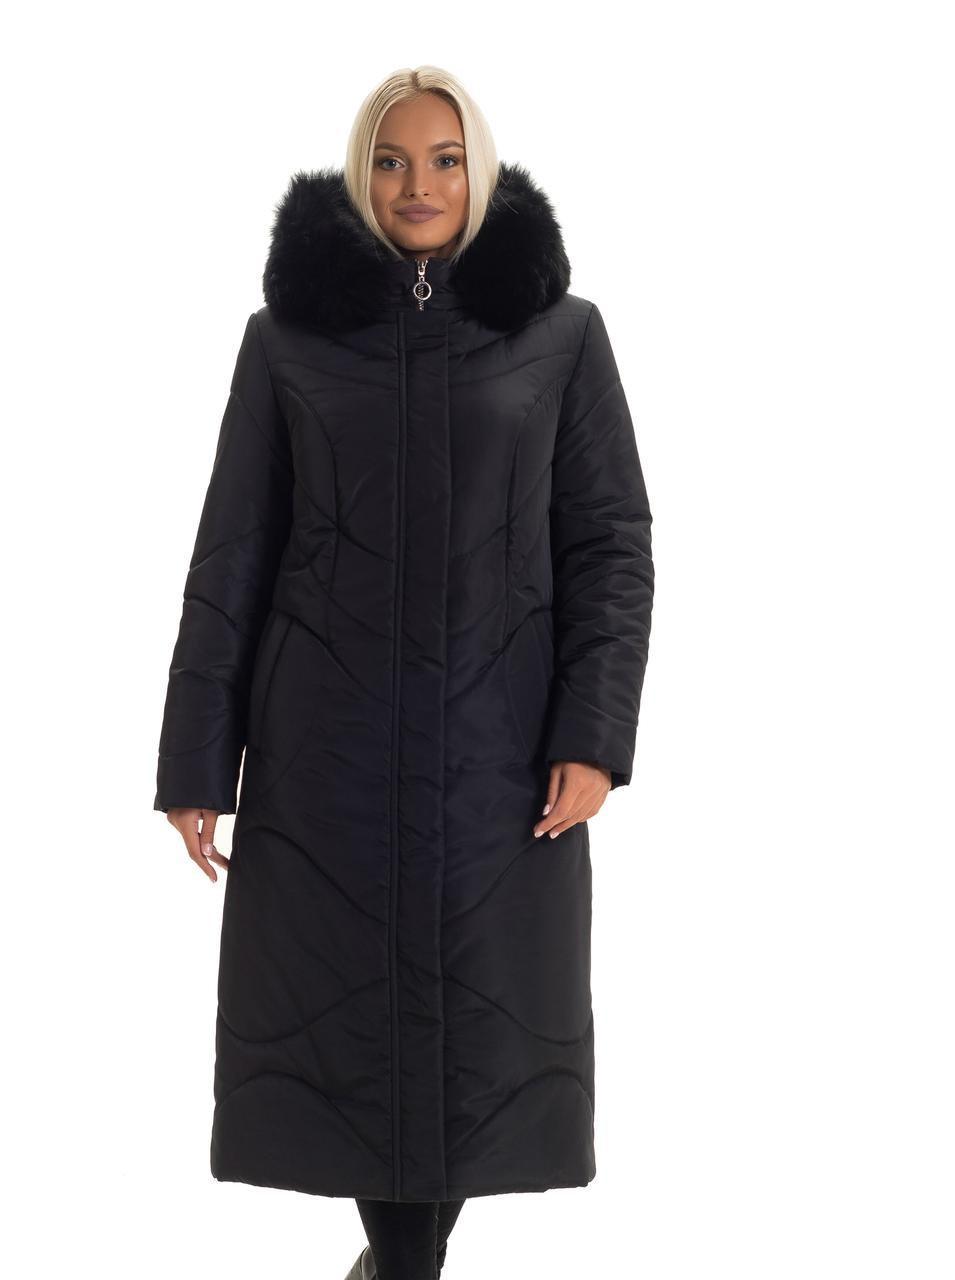 Женский длинный зимний пуховик / куртка с мехом черний большихразмеров размер 48 50 52 54 56 58 60 62 64 66